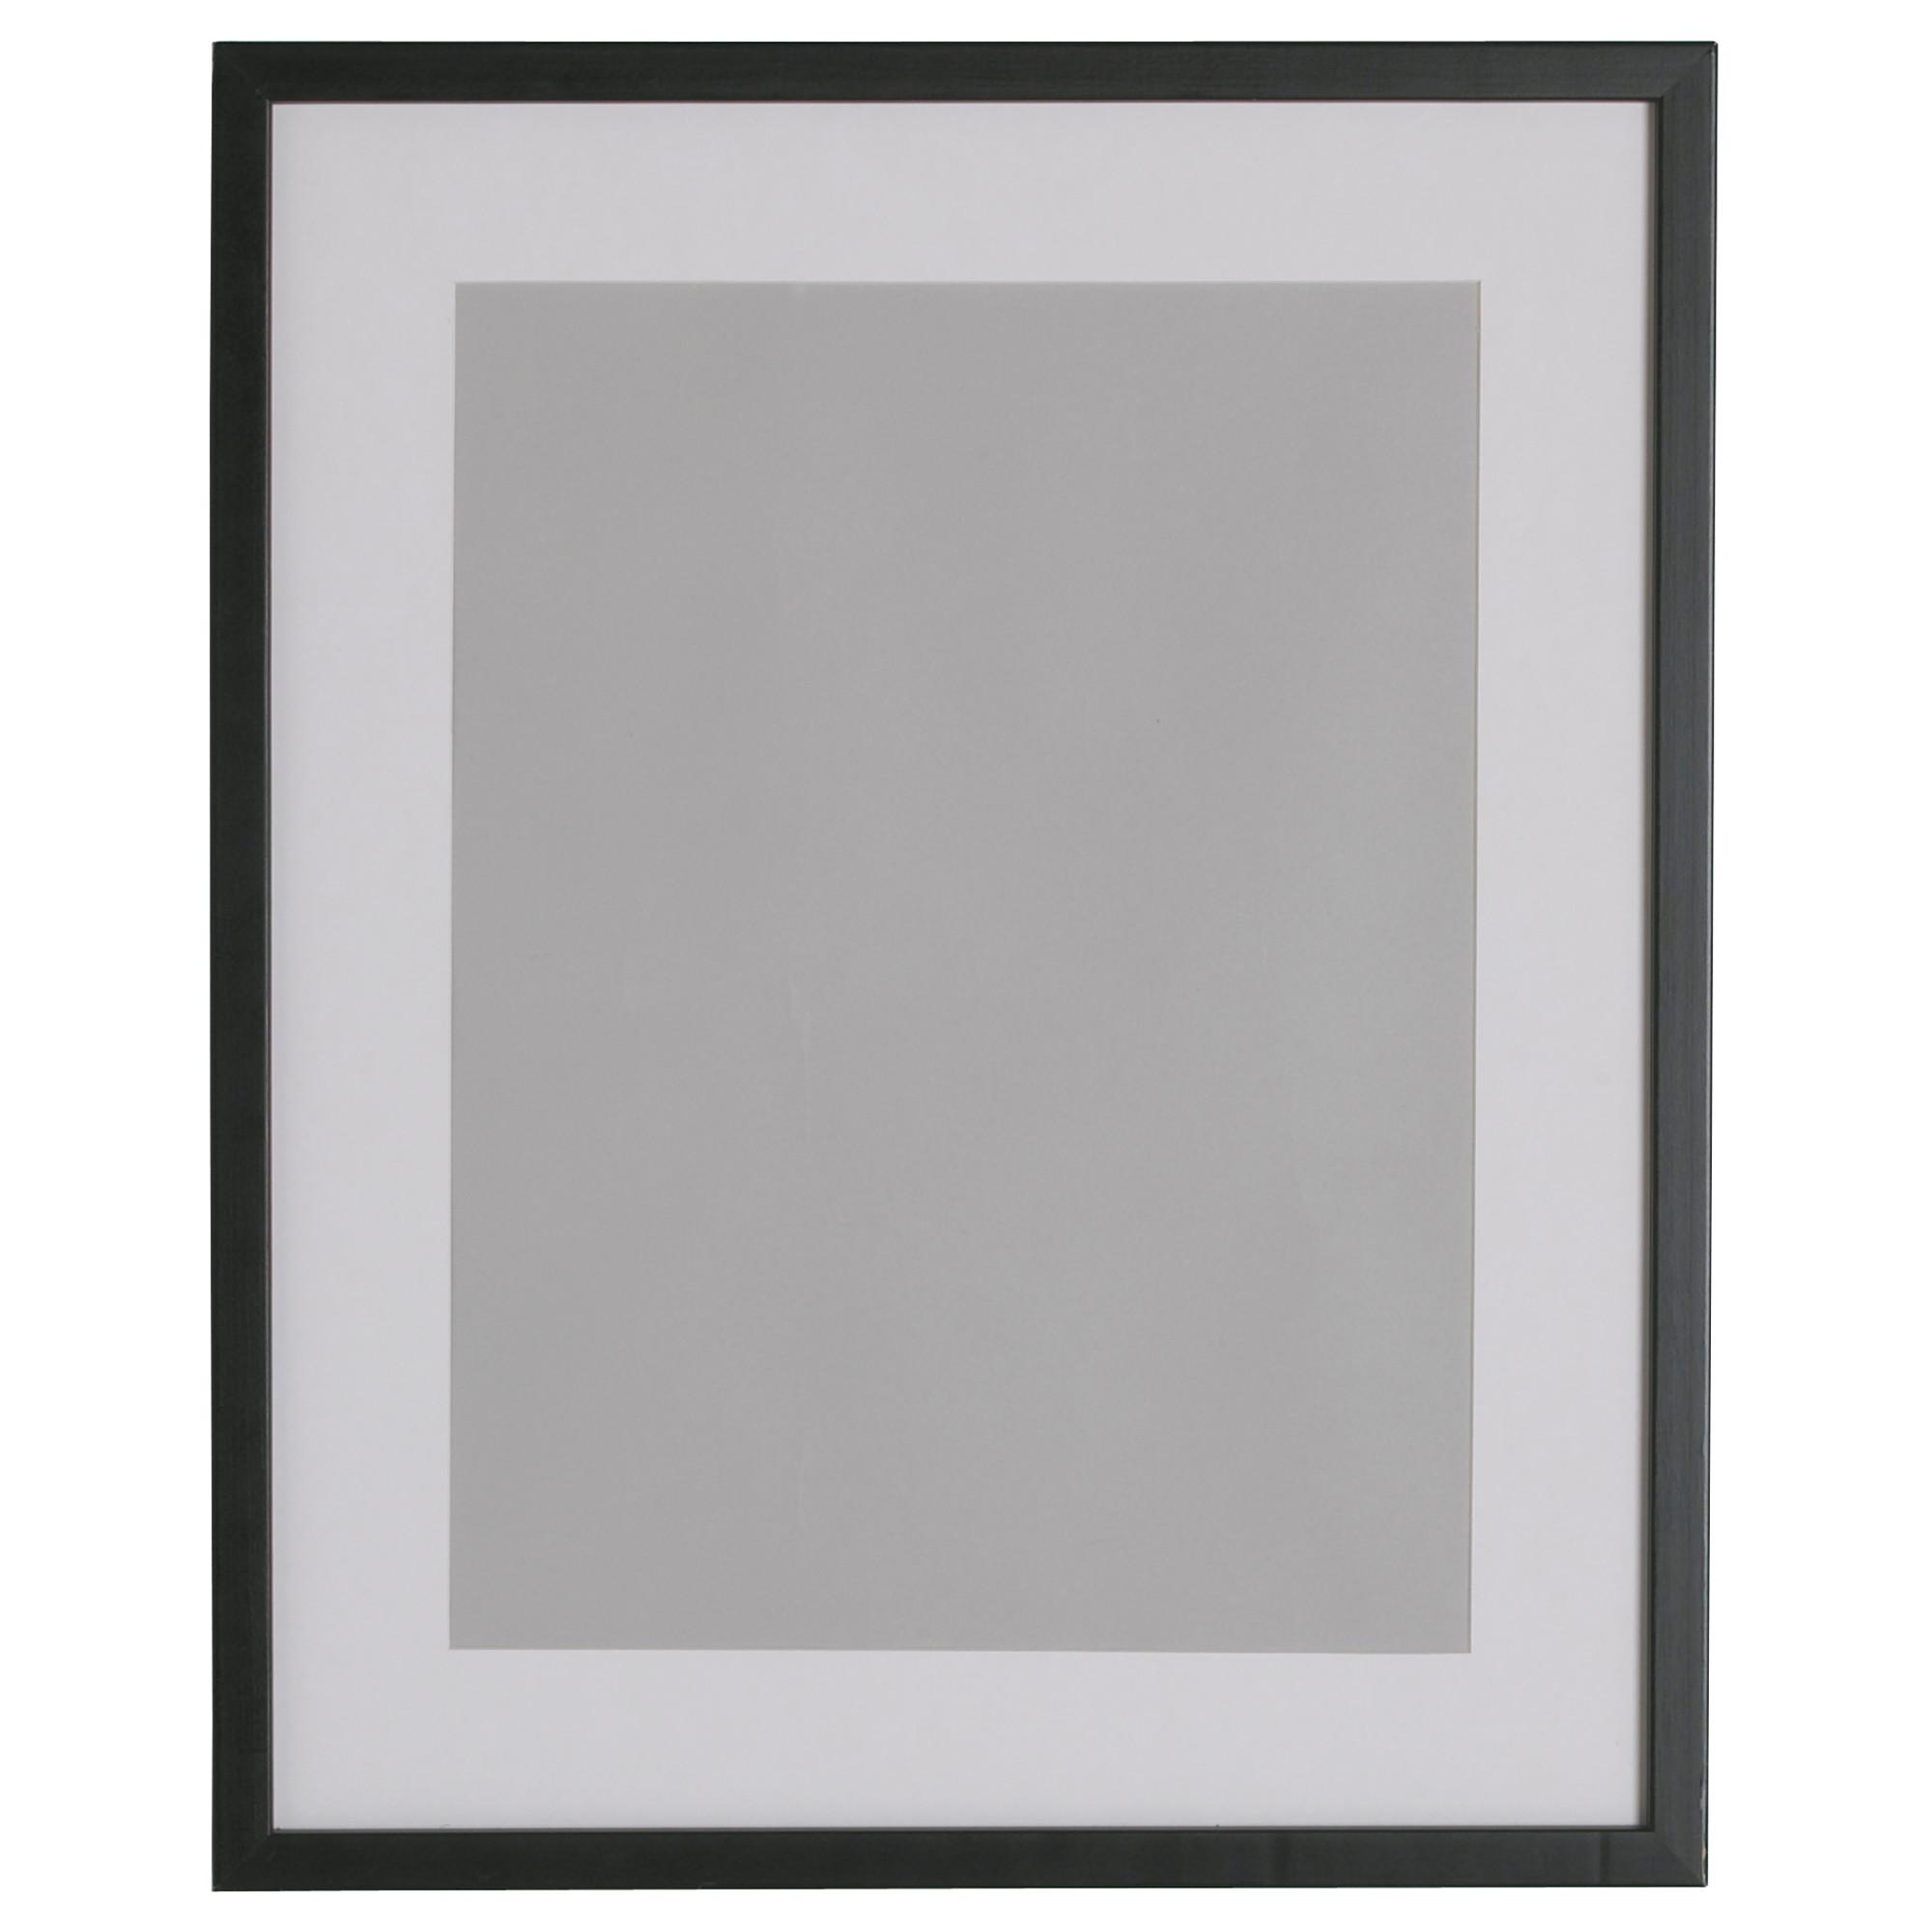 frame black and white. Black Bedroom Furniture Sets. Home Design Ideas